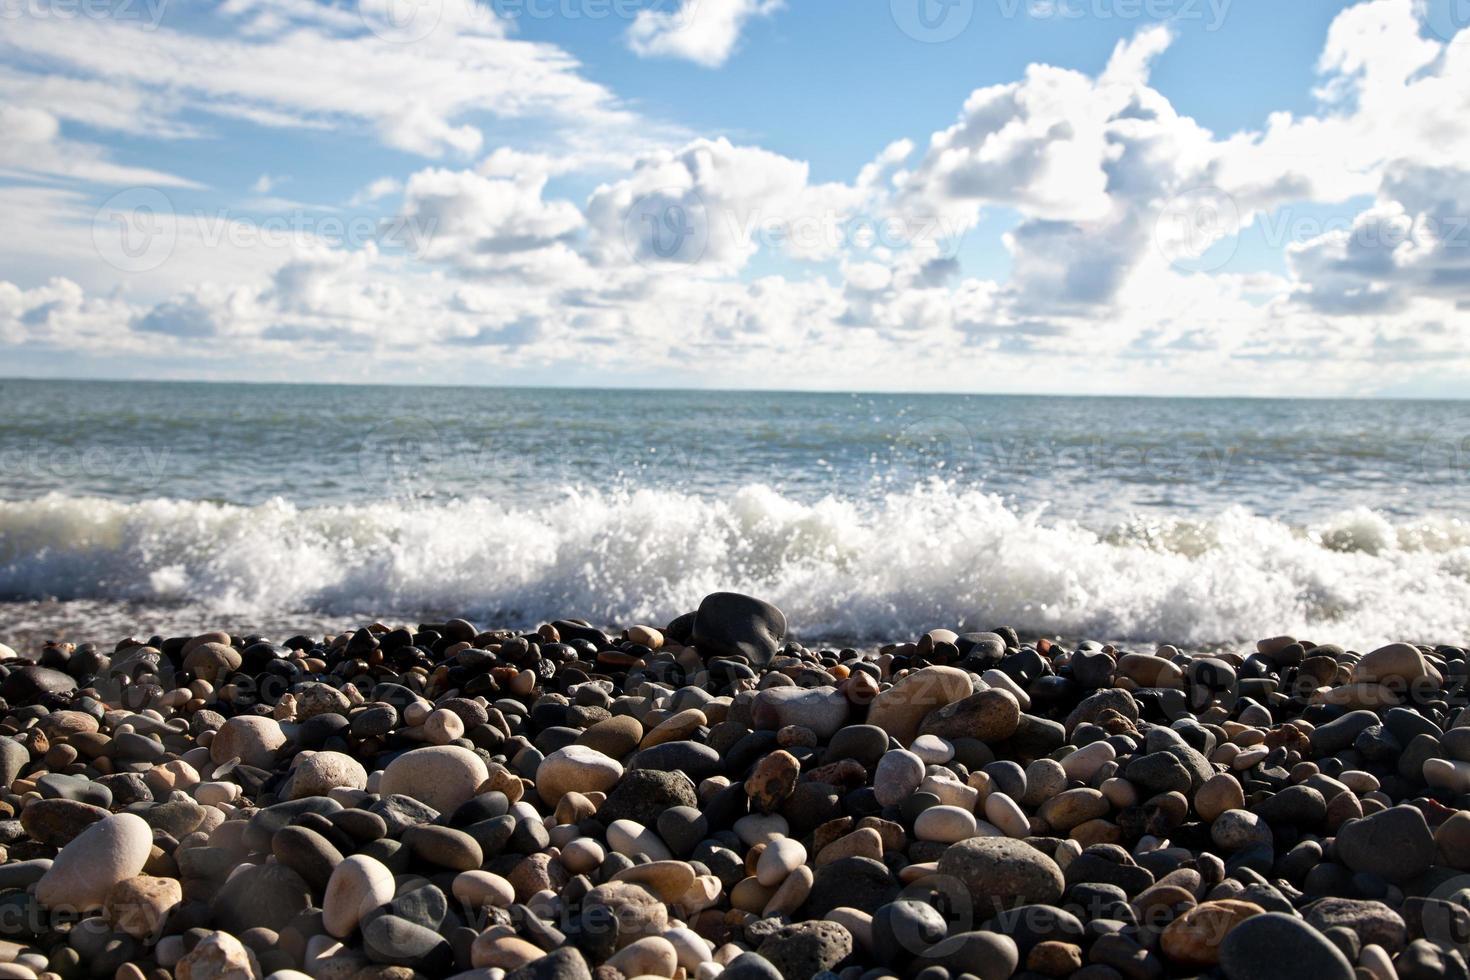 сlouds in blauwe lucht tegen de zee foto